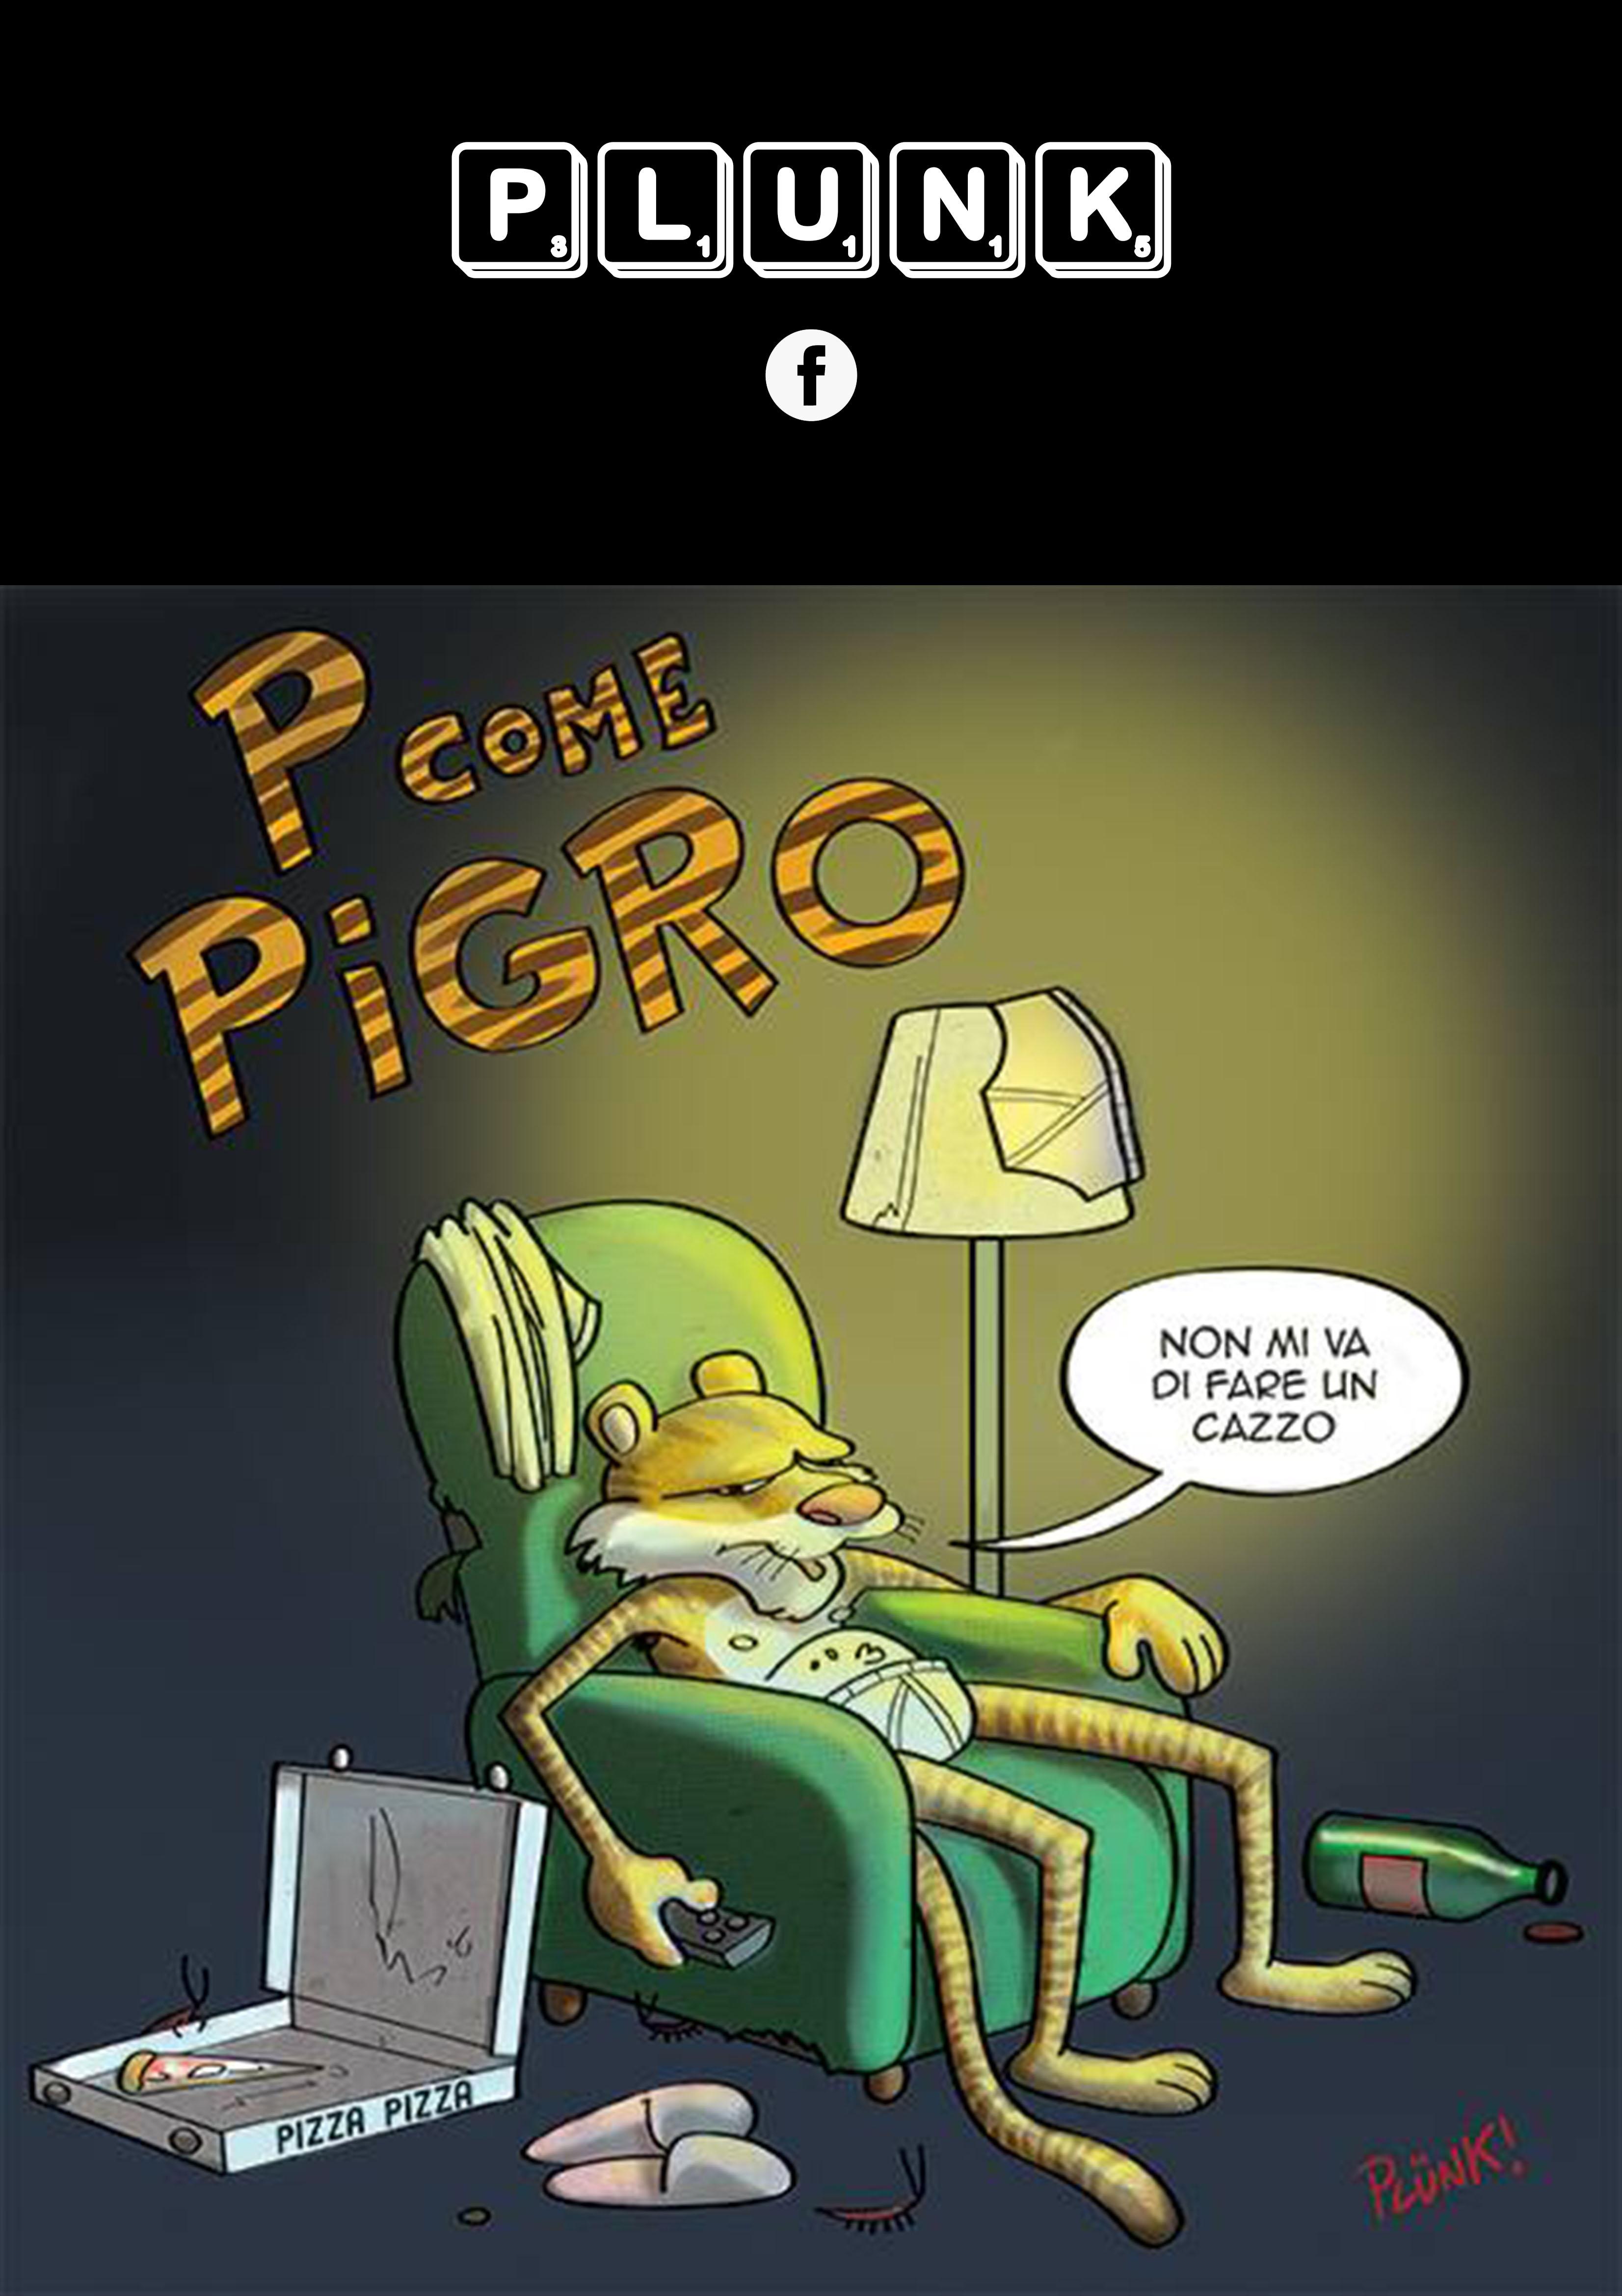 9paginaplunk1